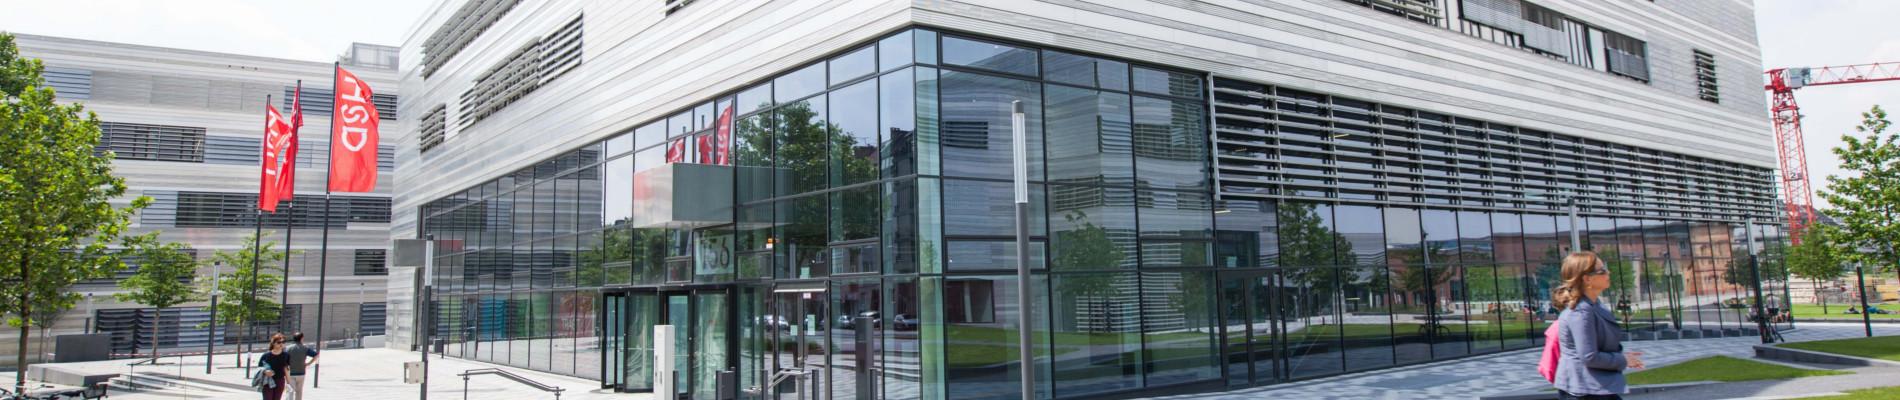 Druckerei in Düsseldorf